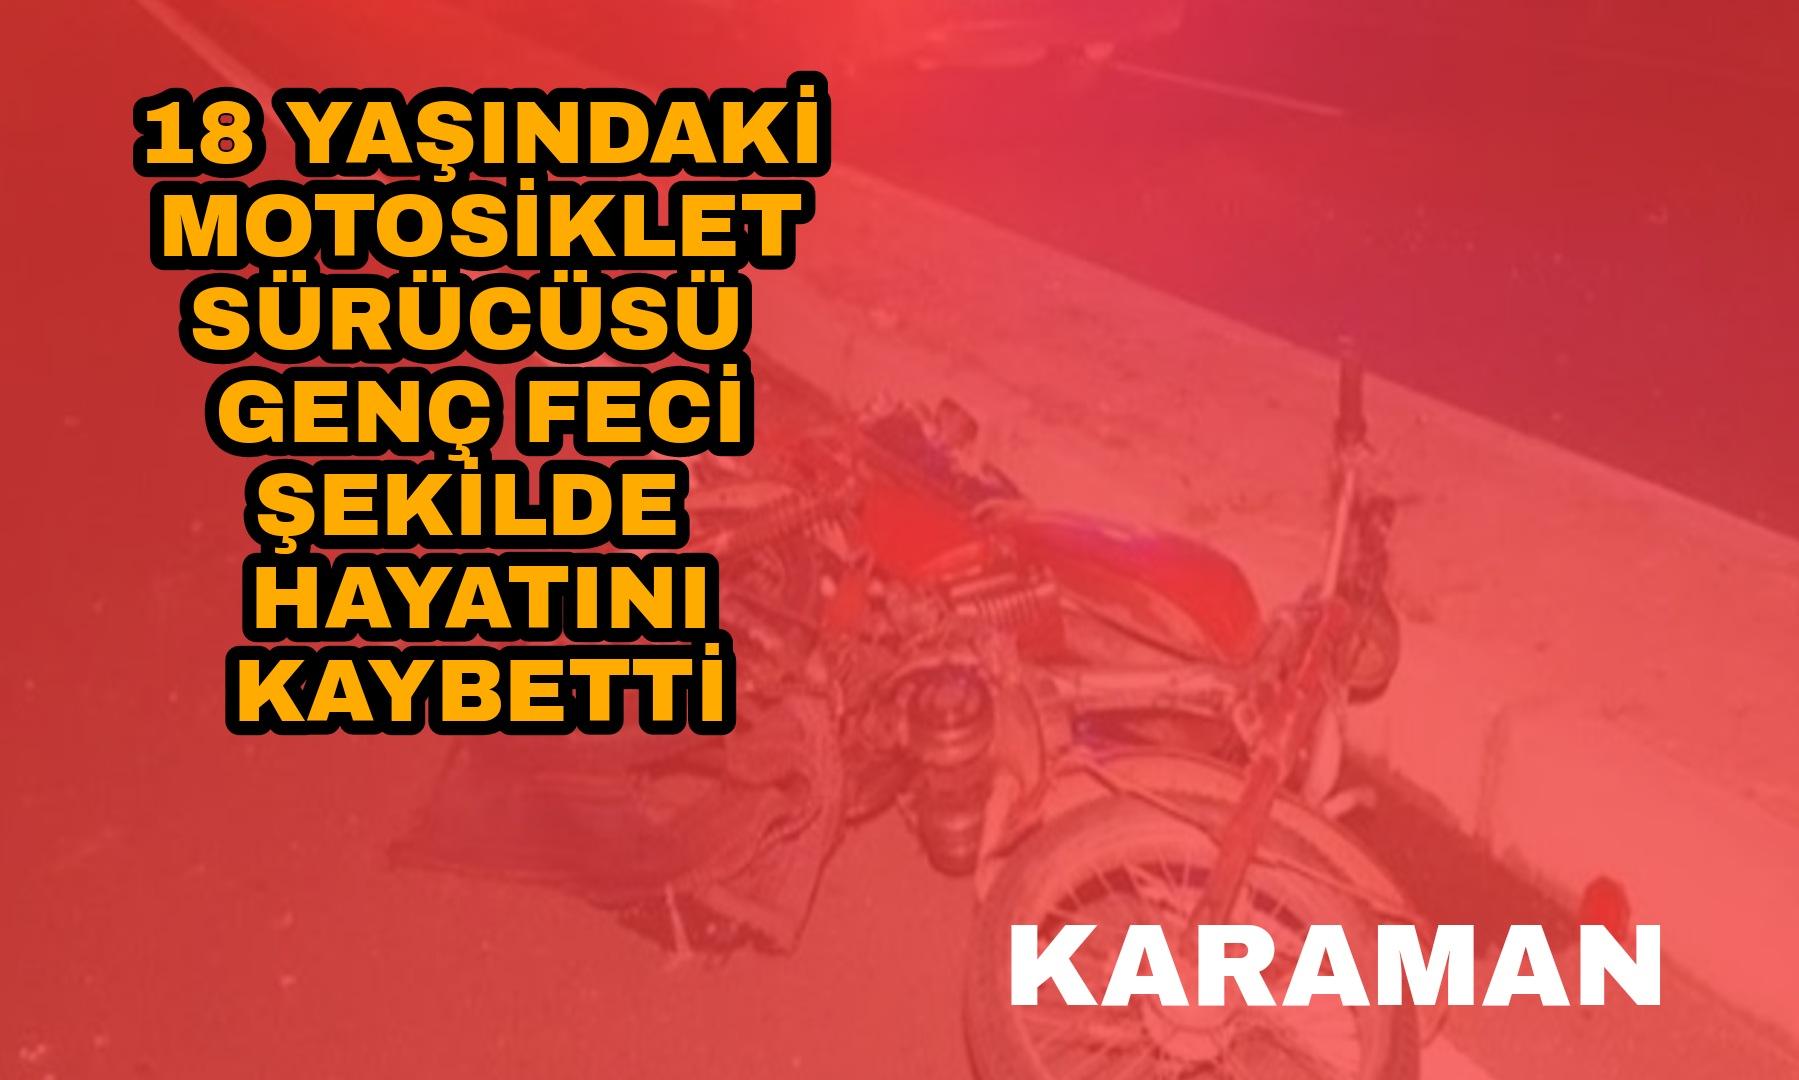 Karaman da Feci Motosiklet Kazası: 18 yaşındaki Ömer hayatını kaybetti